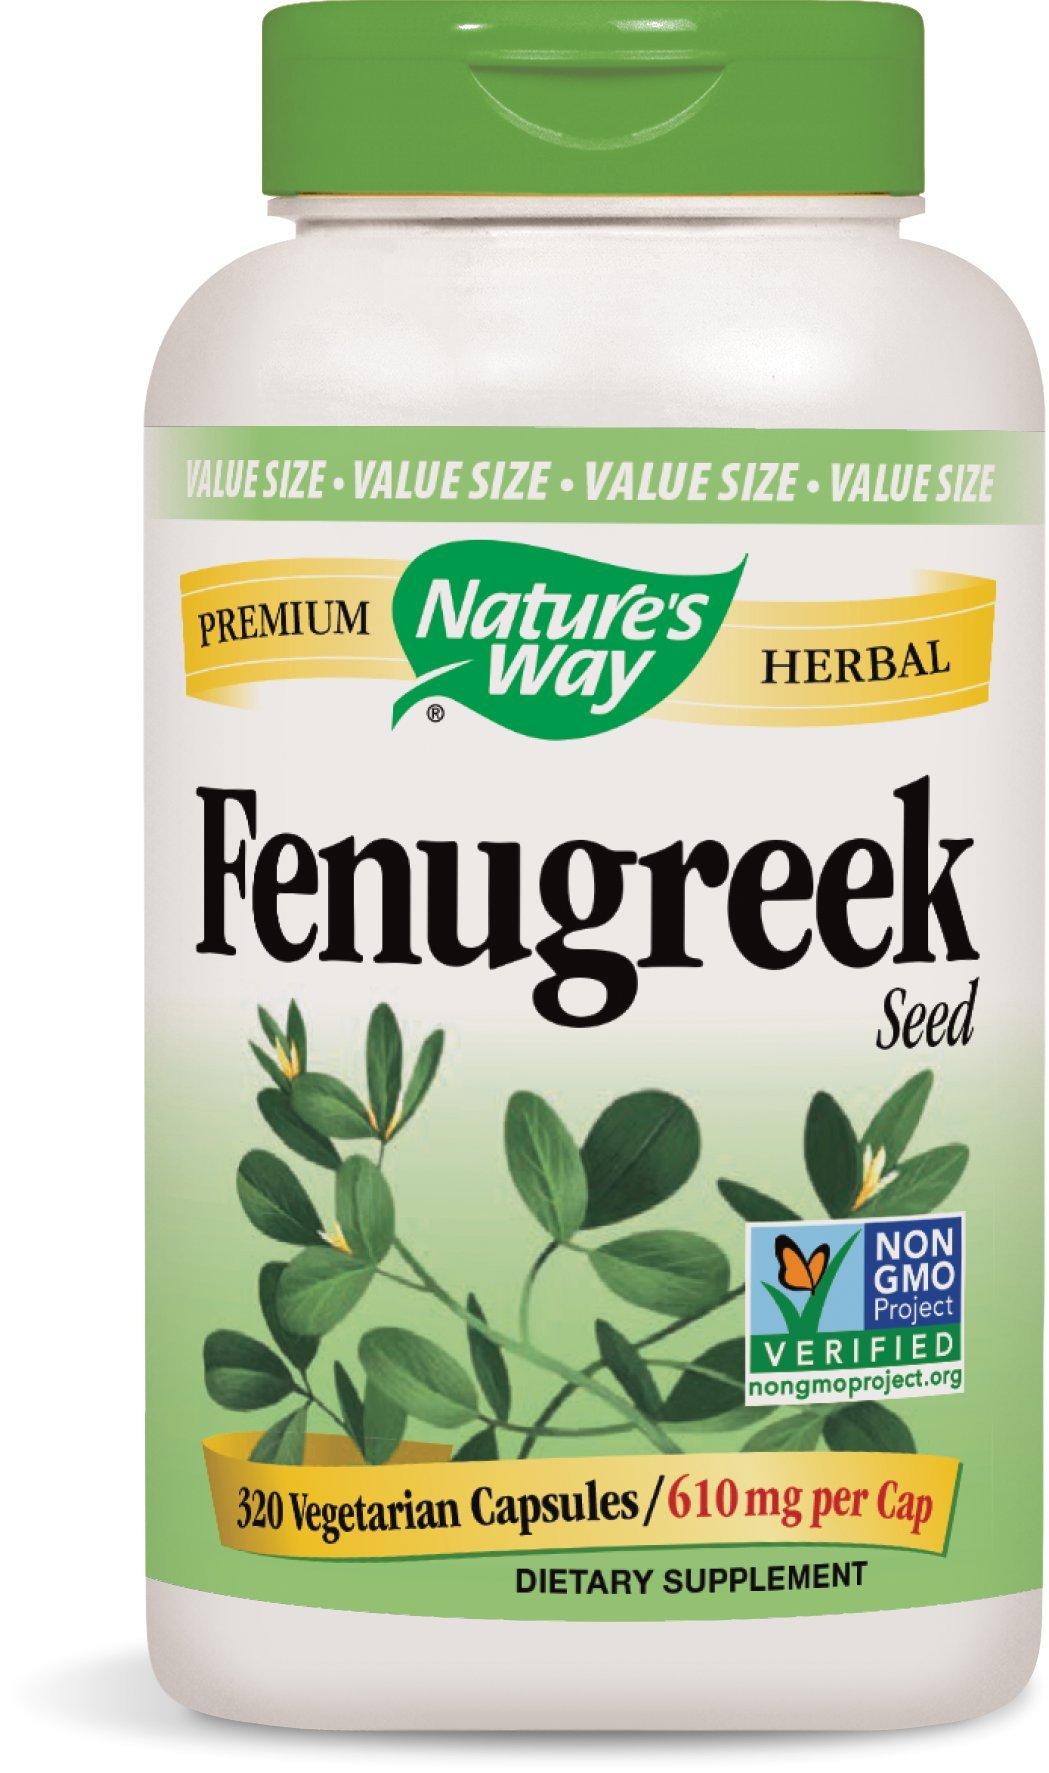 Nature's Way Premium Herbal Fenugreek Seed 610 MG Veg-Capsule, 320 Count